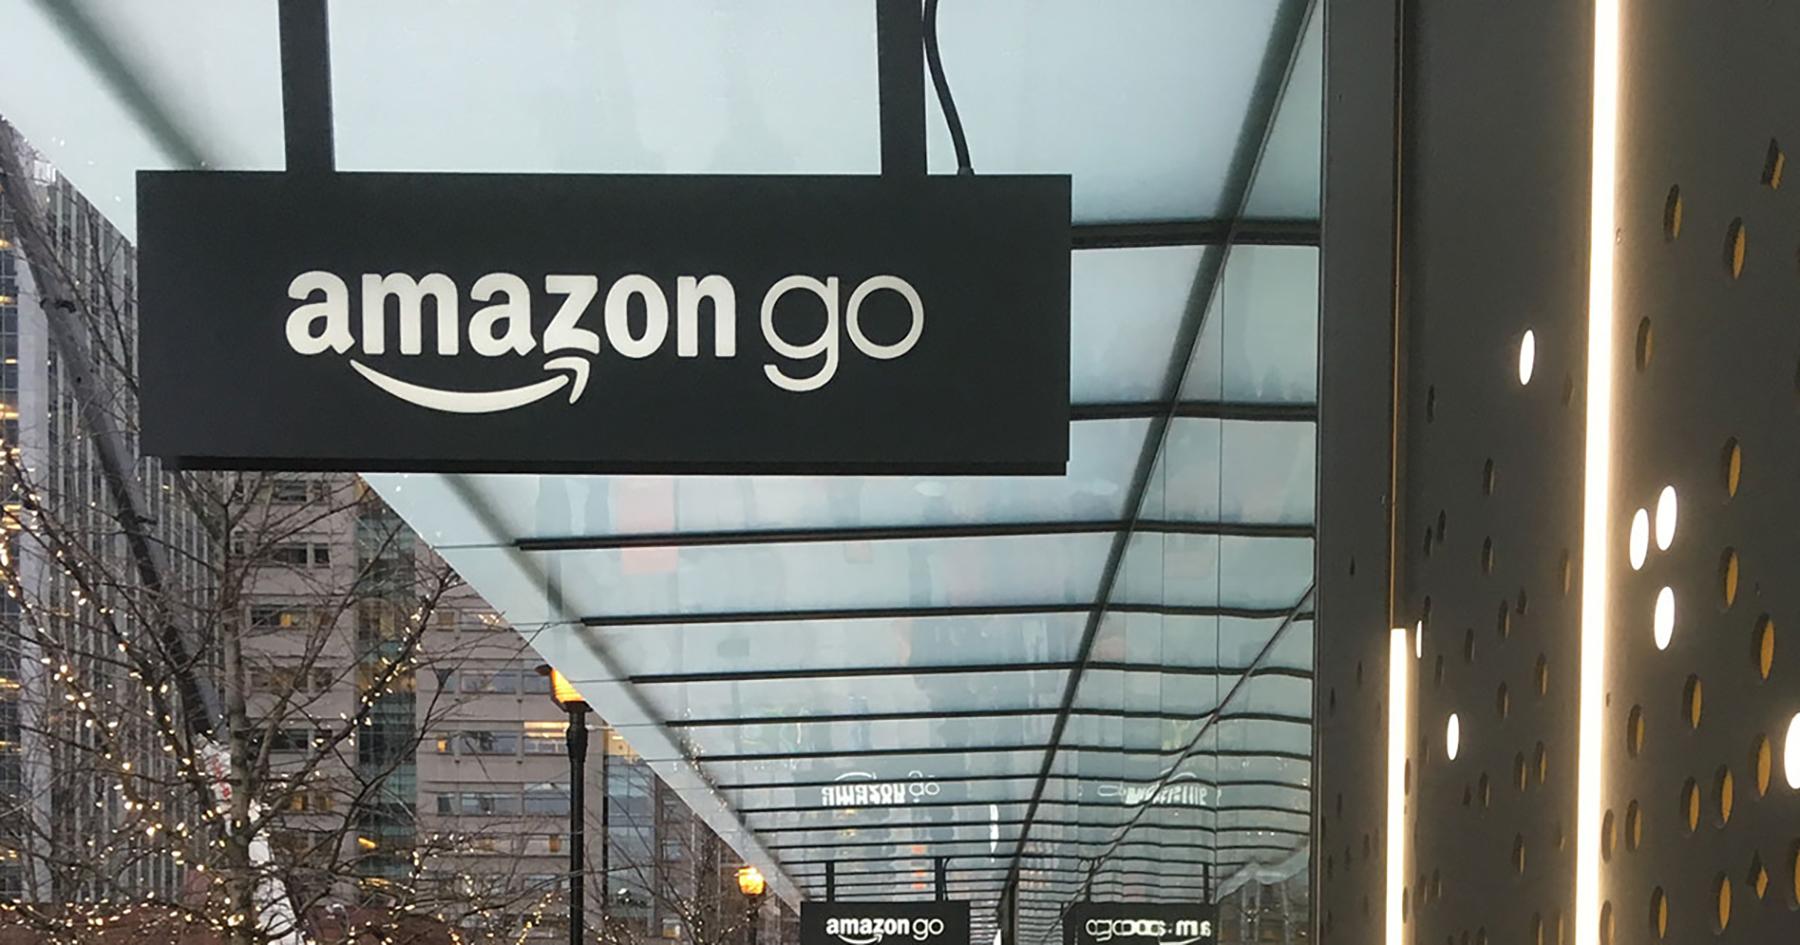 Amazon Go Coming To Chicago San Francisco